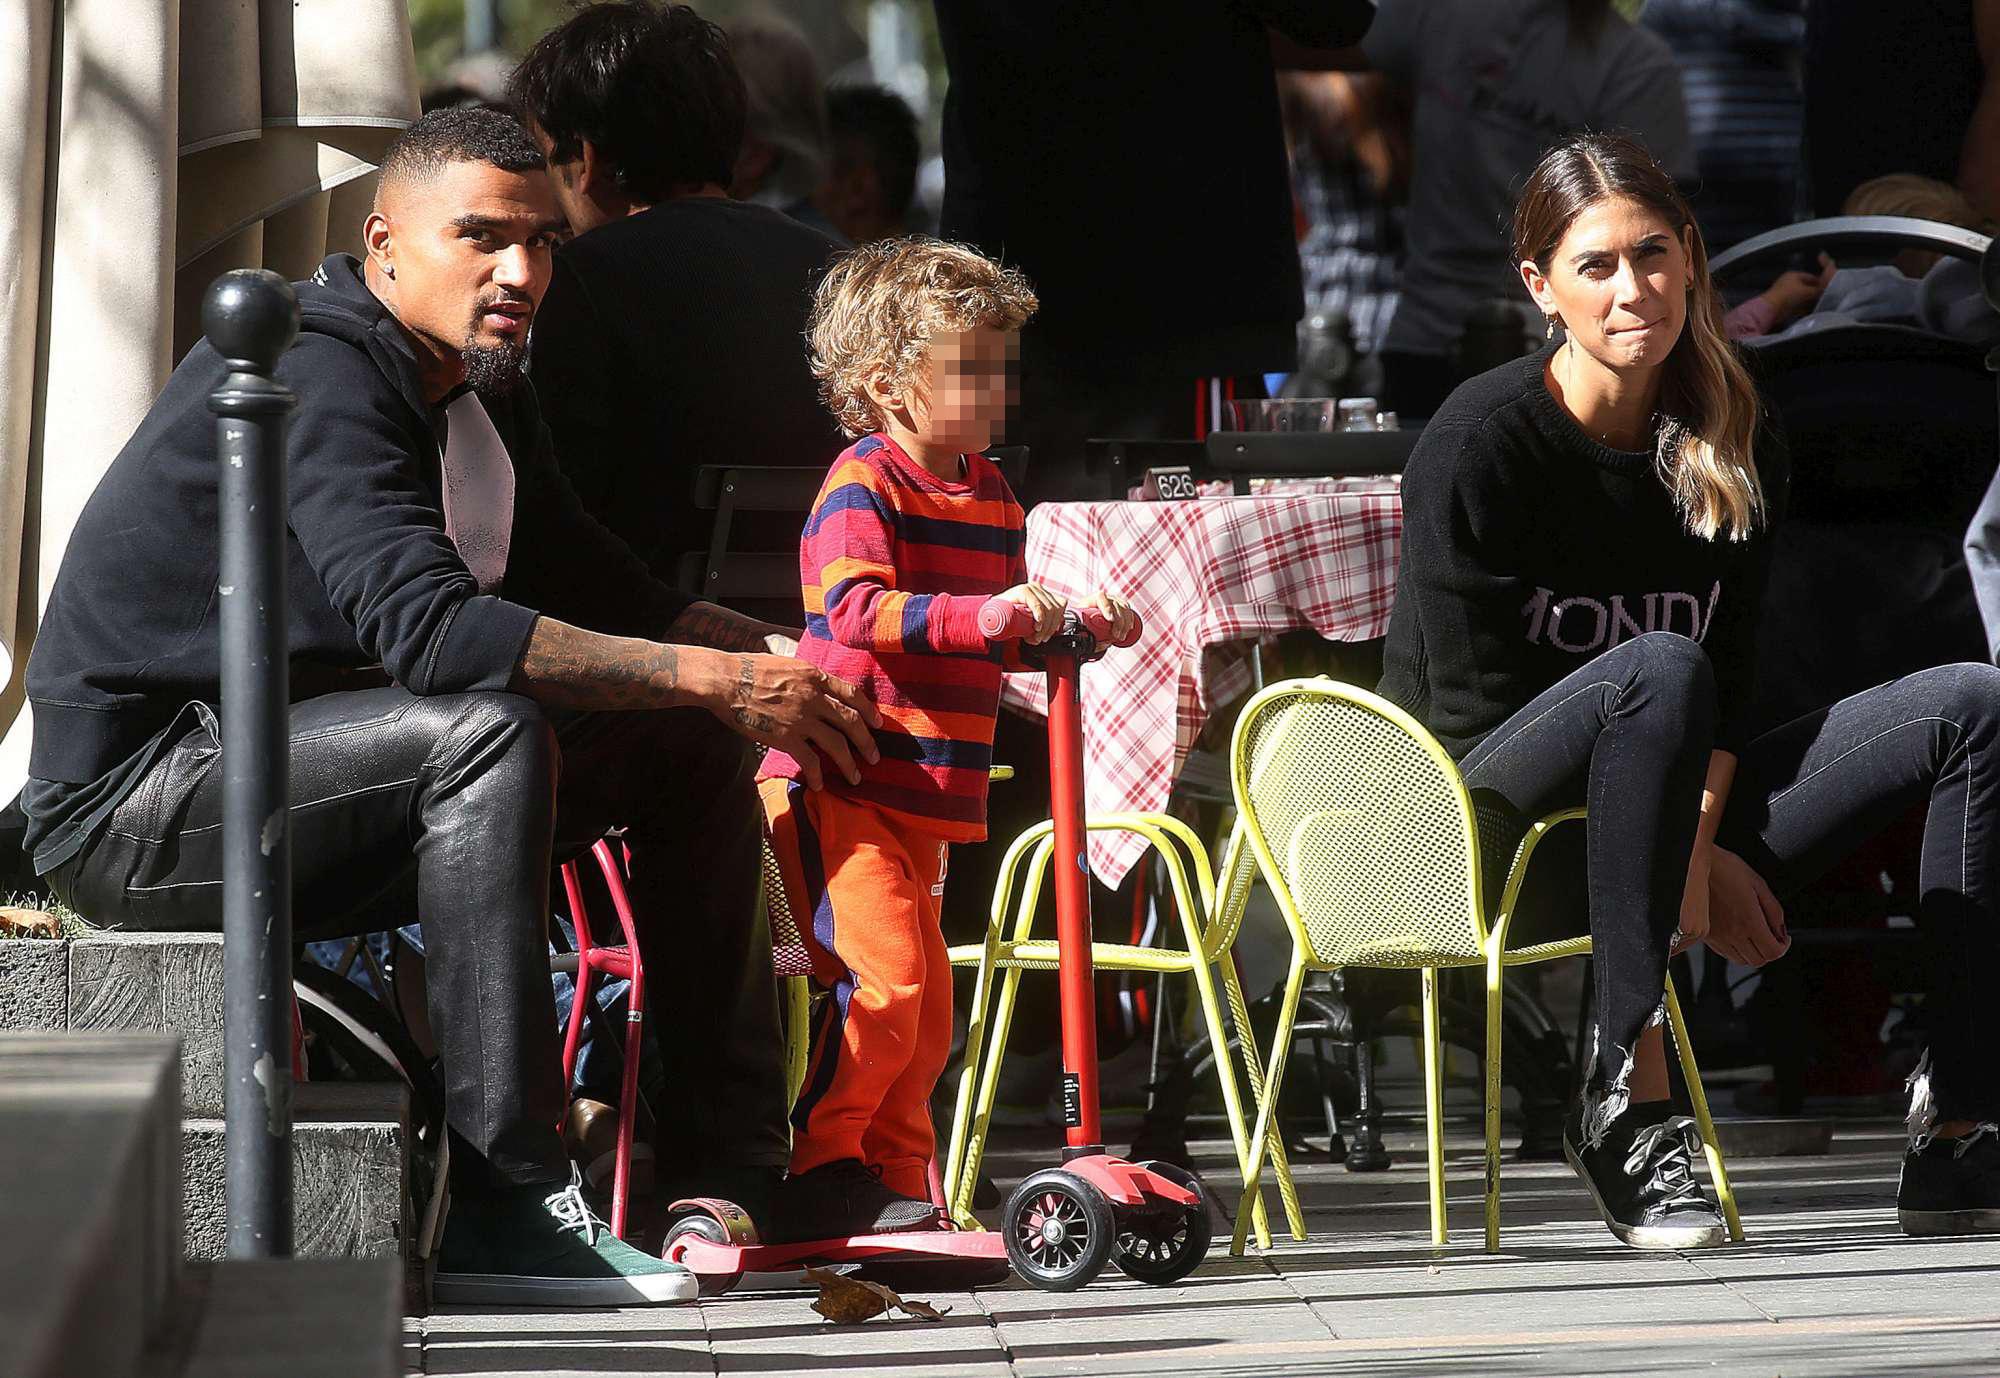 Melissa Satta, pomeriggio al parco con Boateng e Maddox